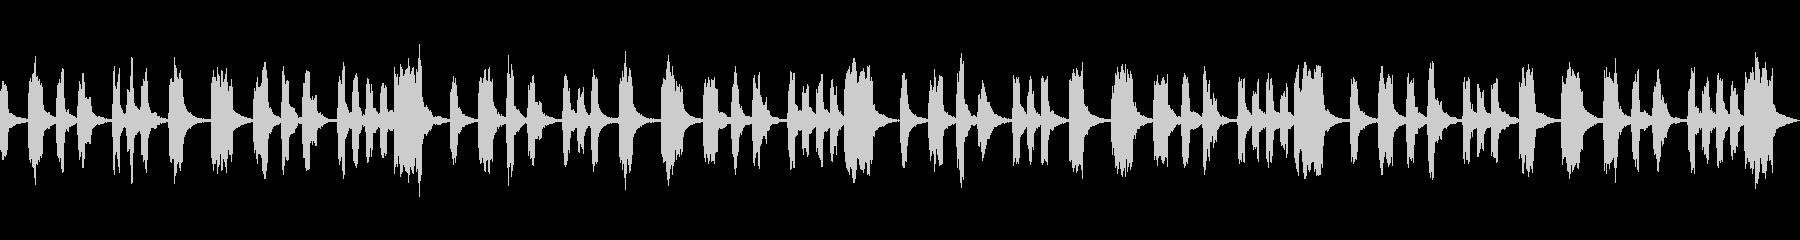 シンプル 切ない ヒーリングの未再生の波形